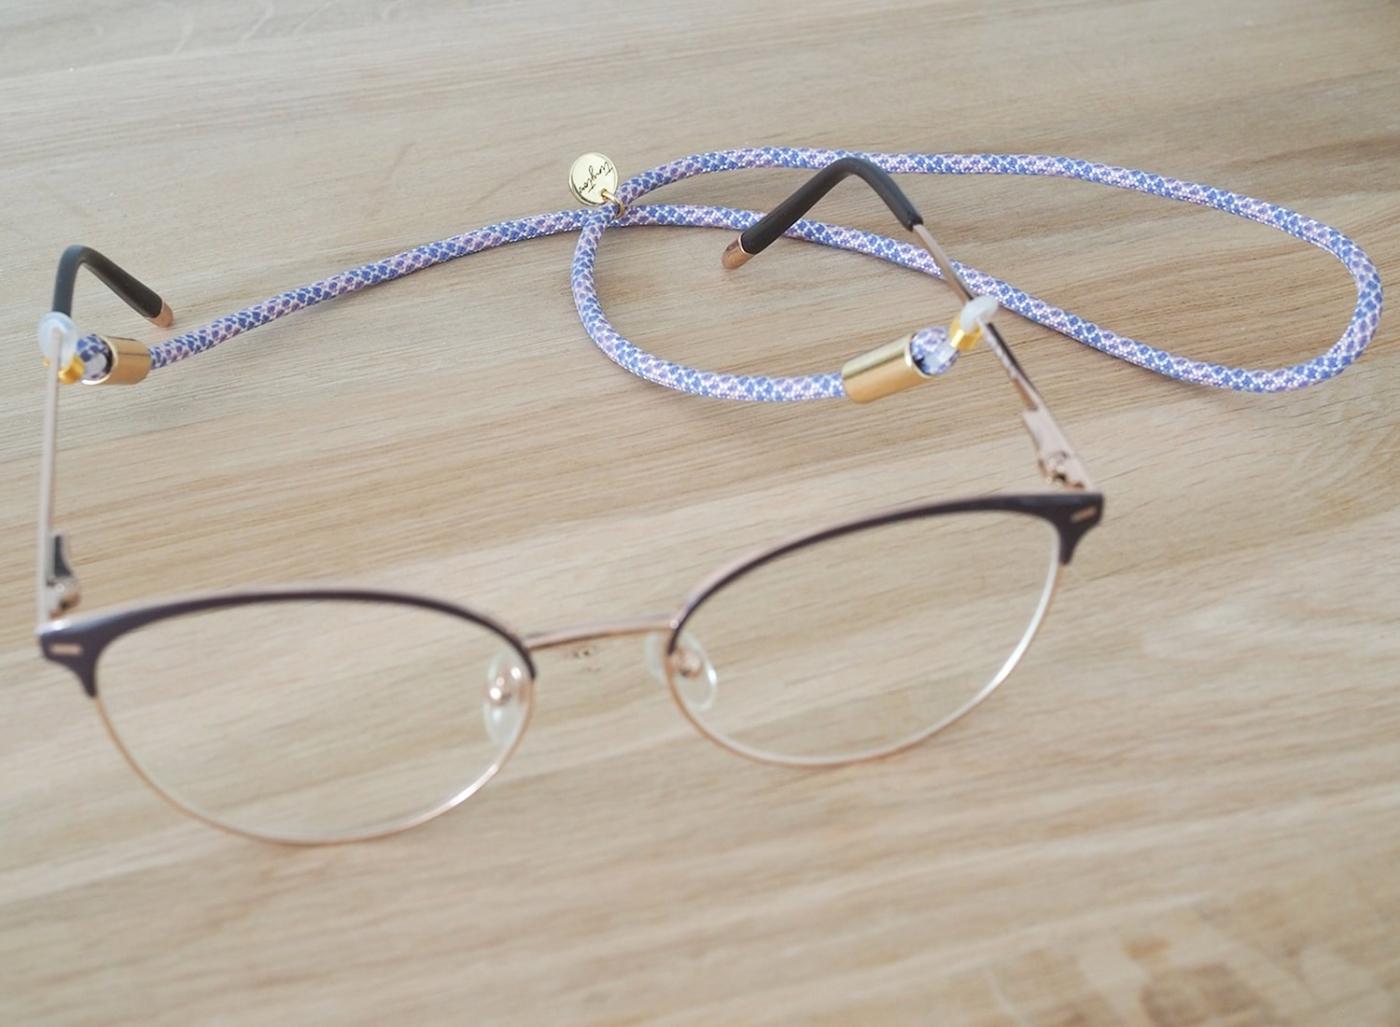 Sportliches Brillenband mit Muster und goldenen Details